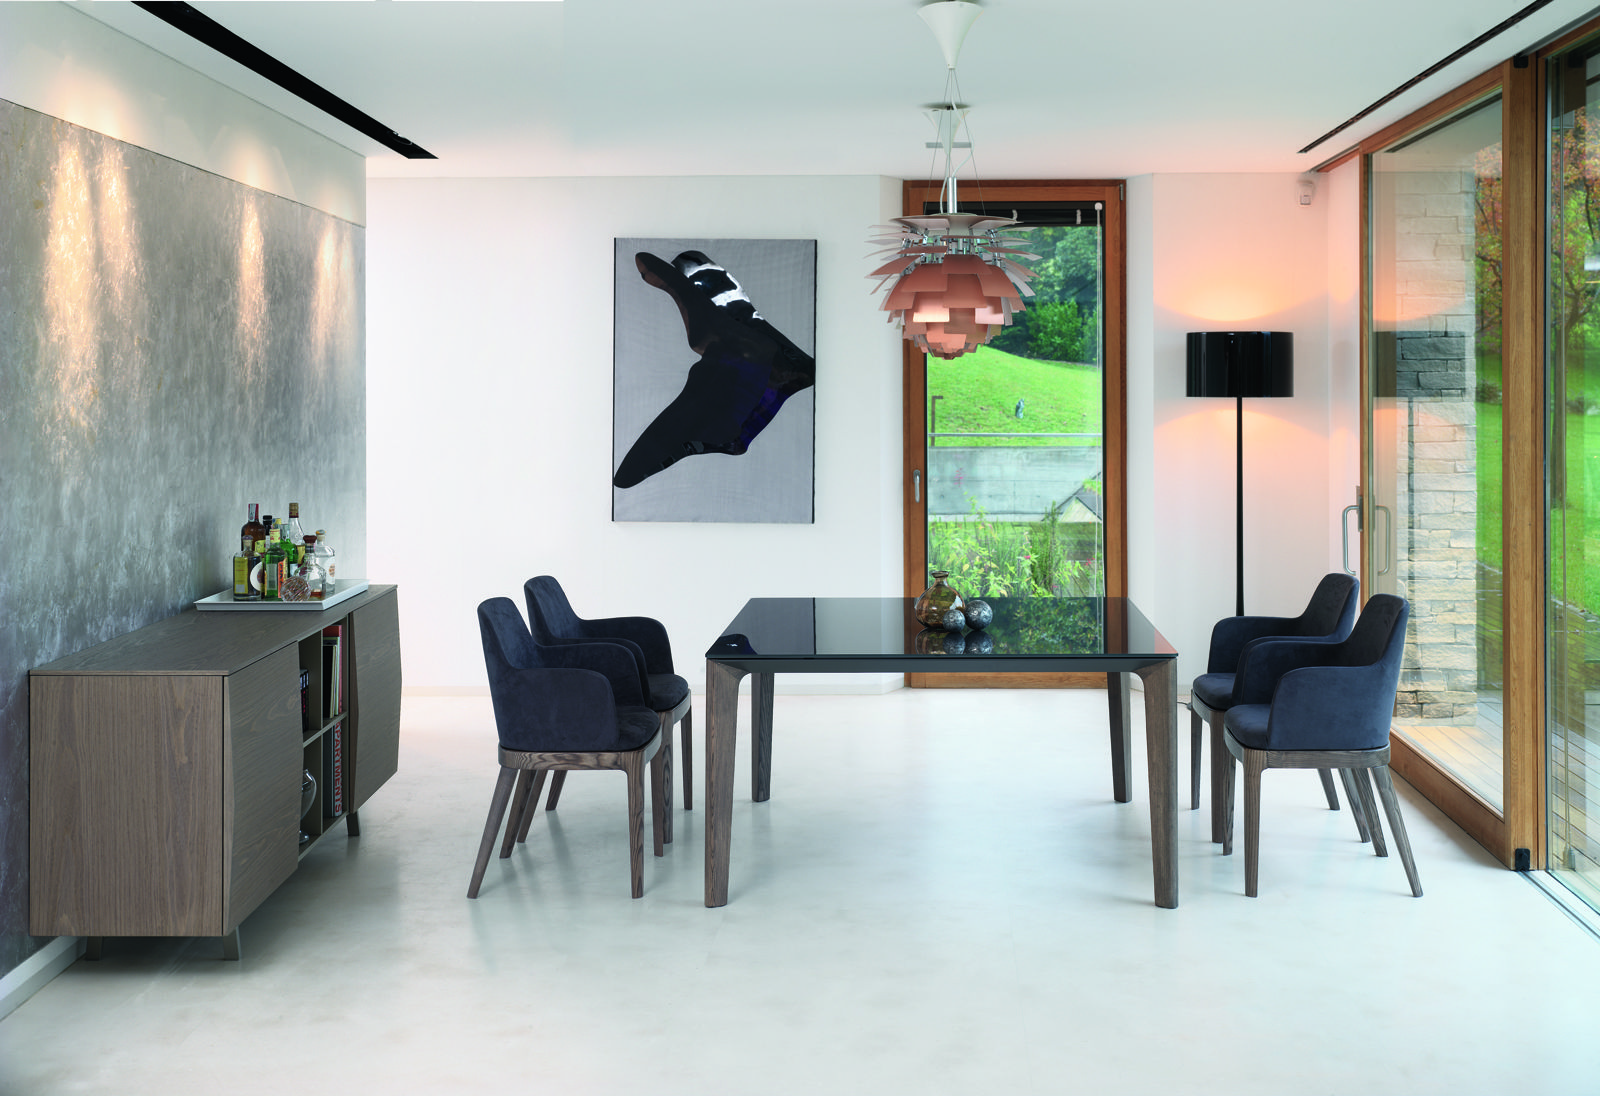 ISTANTE CLASSICO... La tradizione incontra la modernità, il dettaglio artigianale della gamba in legno, il sinuoso piano in cristallo si abbinano al comfort della poltroncina.